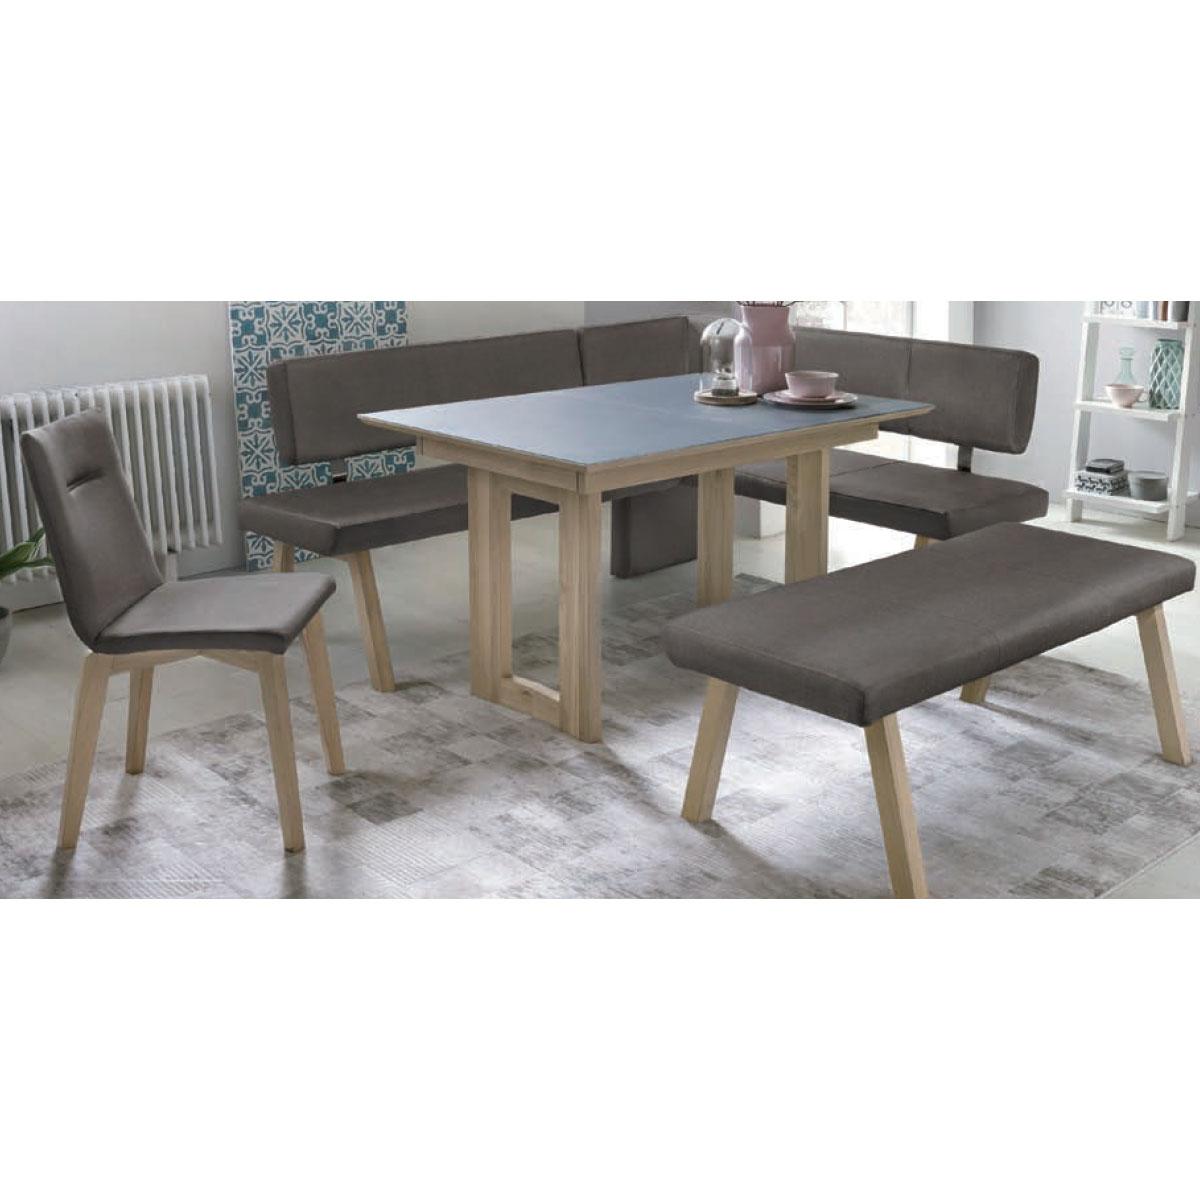 standard furniture eckbank konstanz polsterbank mit massivem gestell bank f r esszimmer und. Black Bedroom Furniture Sets. Home Design Ideas